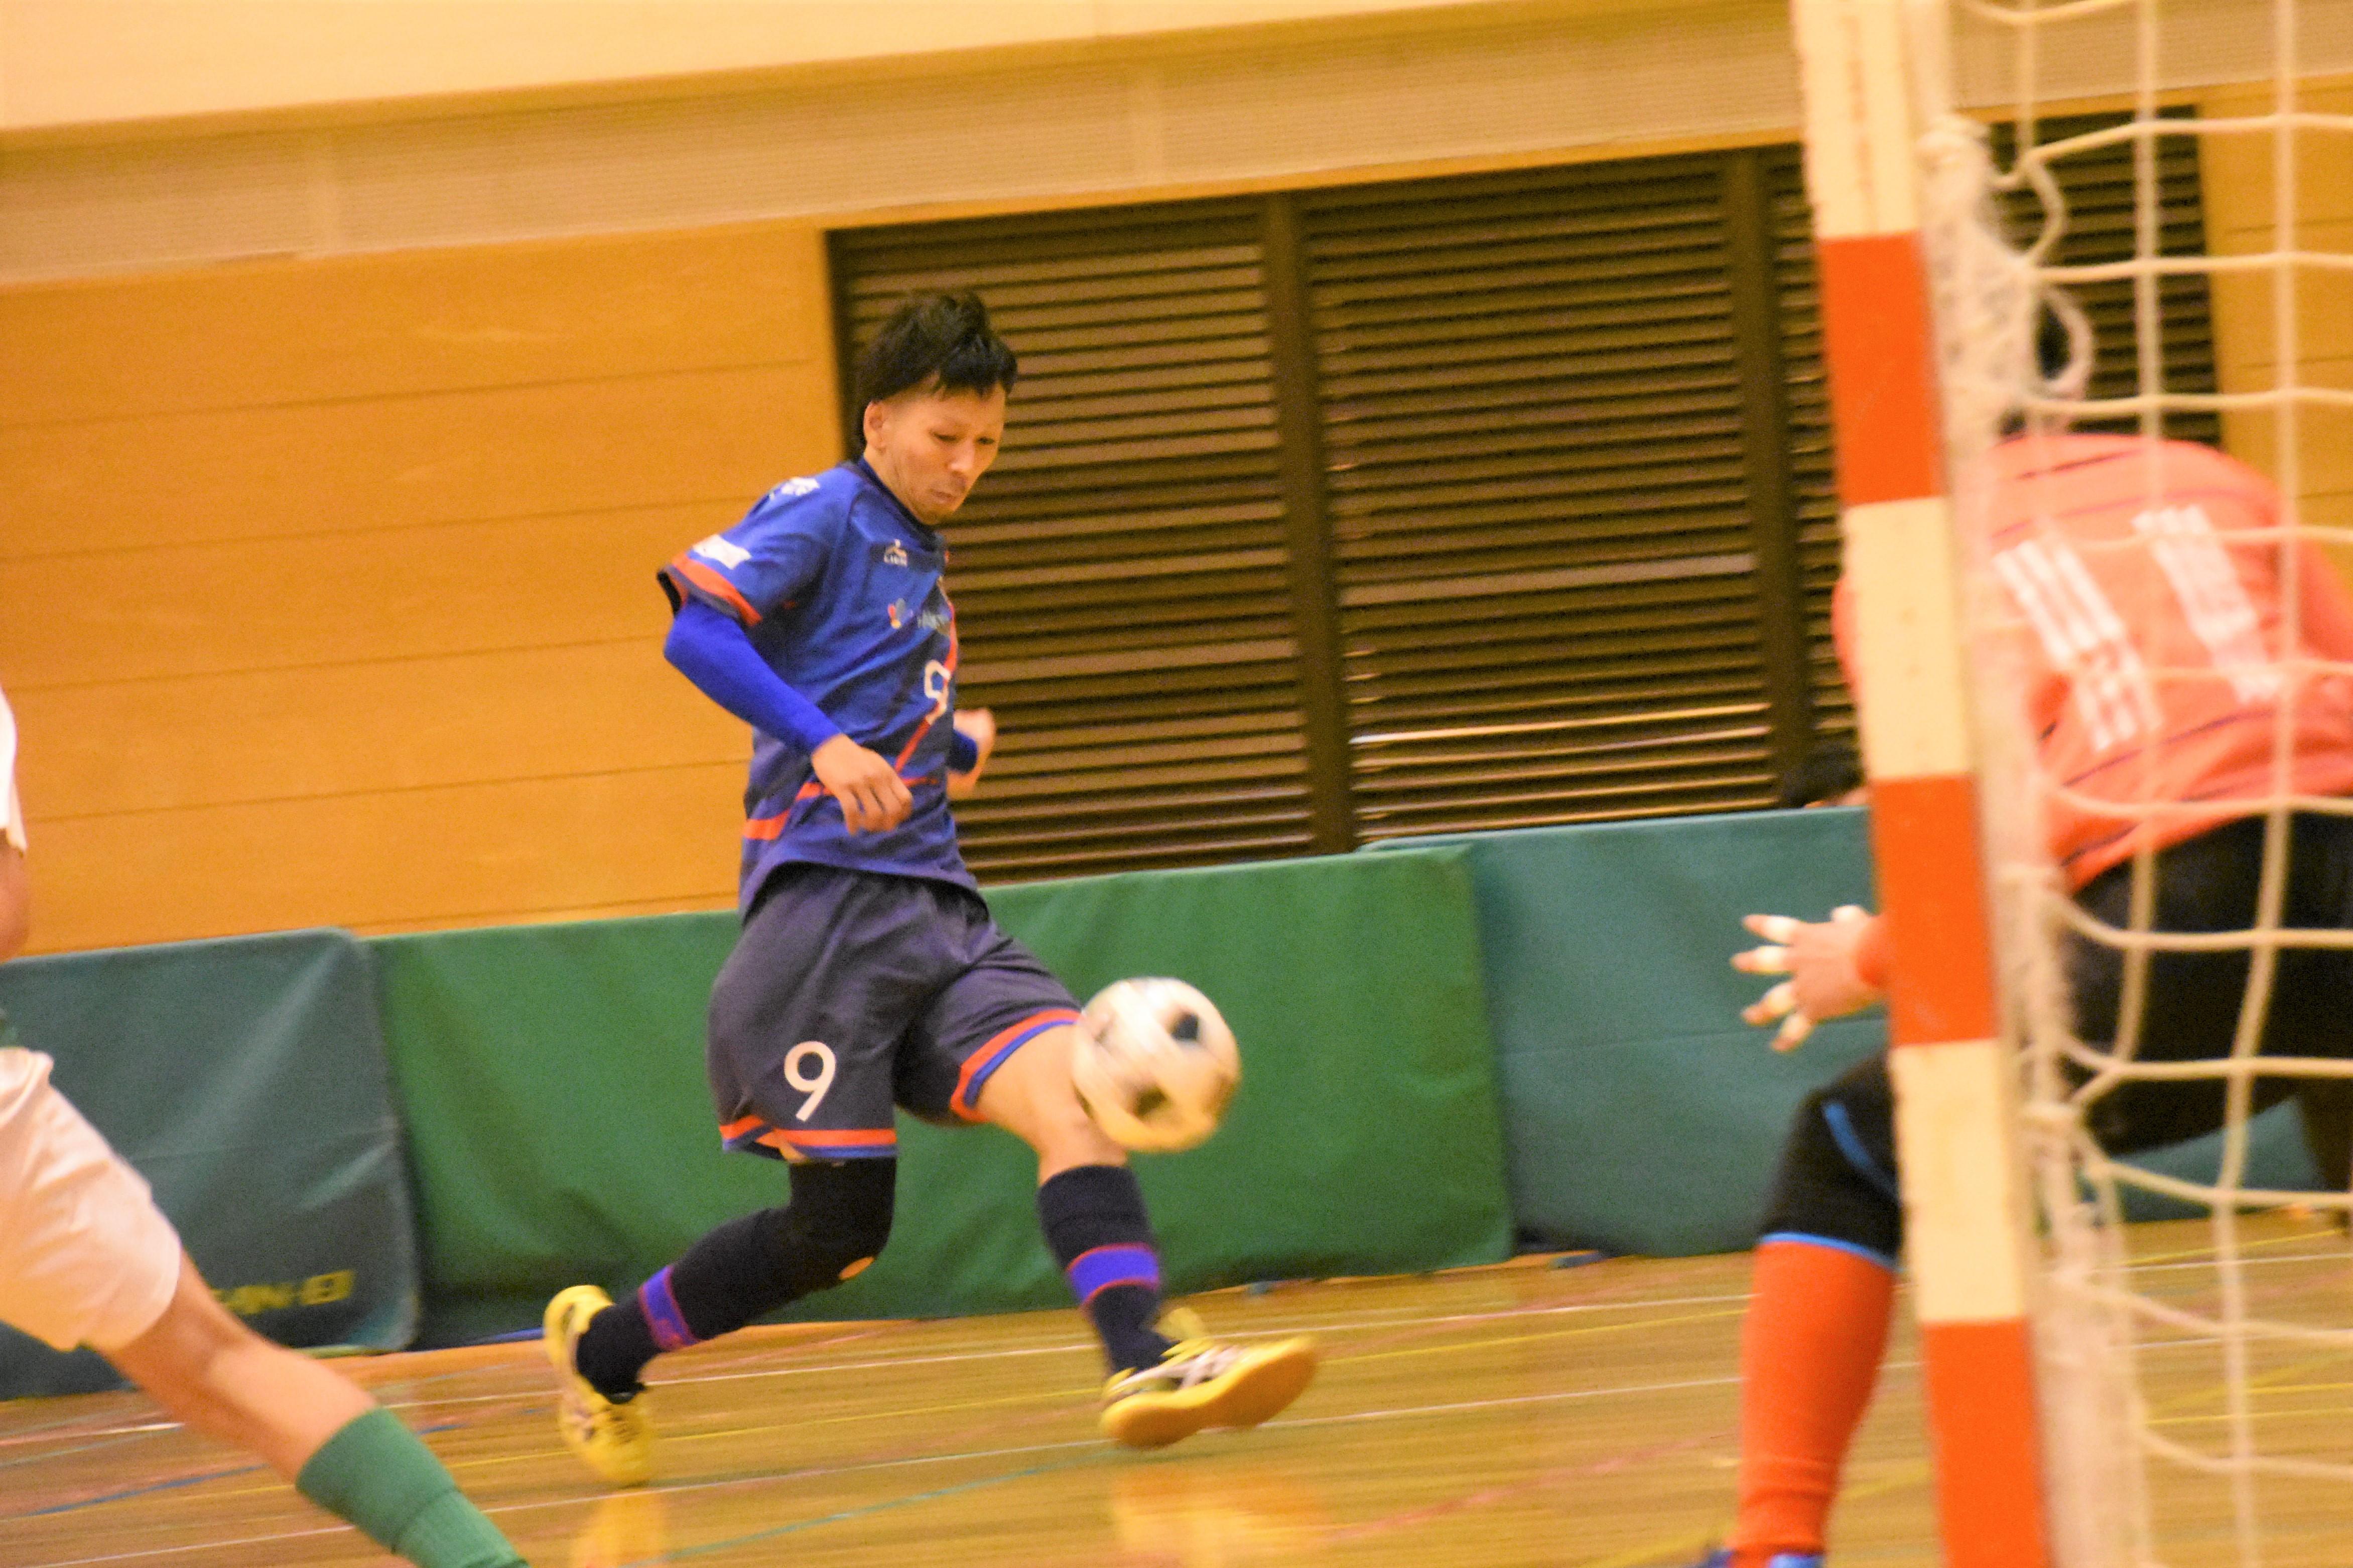 【インタビュー】SiXER/タケショウ株式会社 安井選手